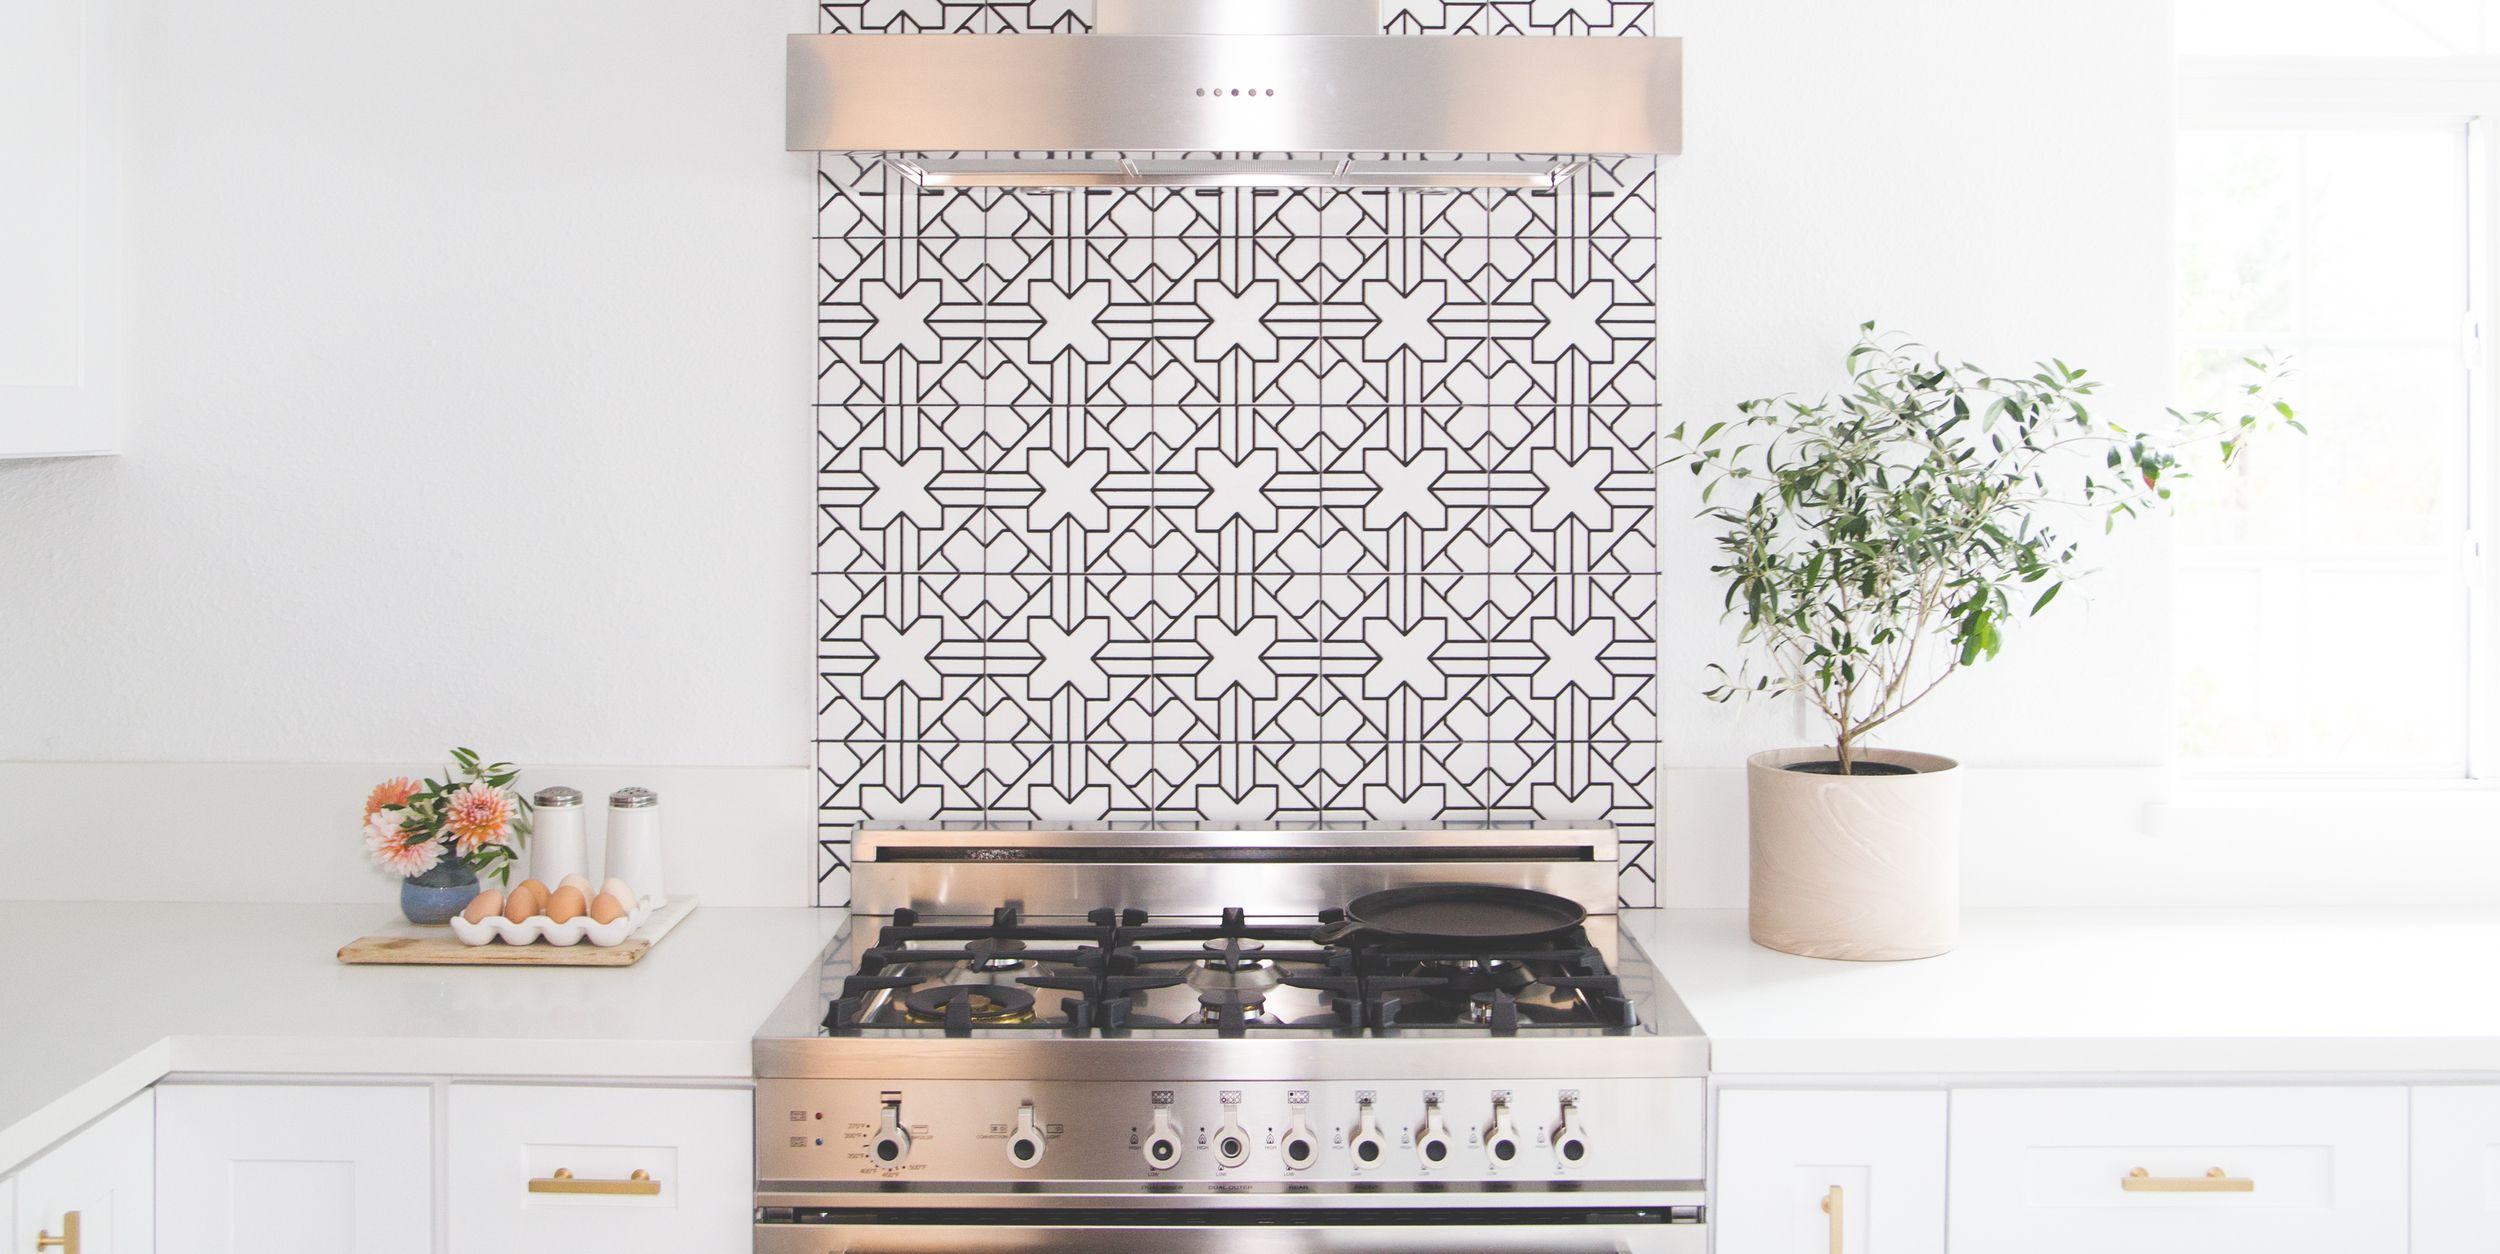 51 Insanely Chic Kitchen Backsplashes